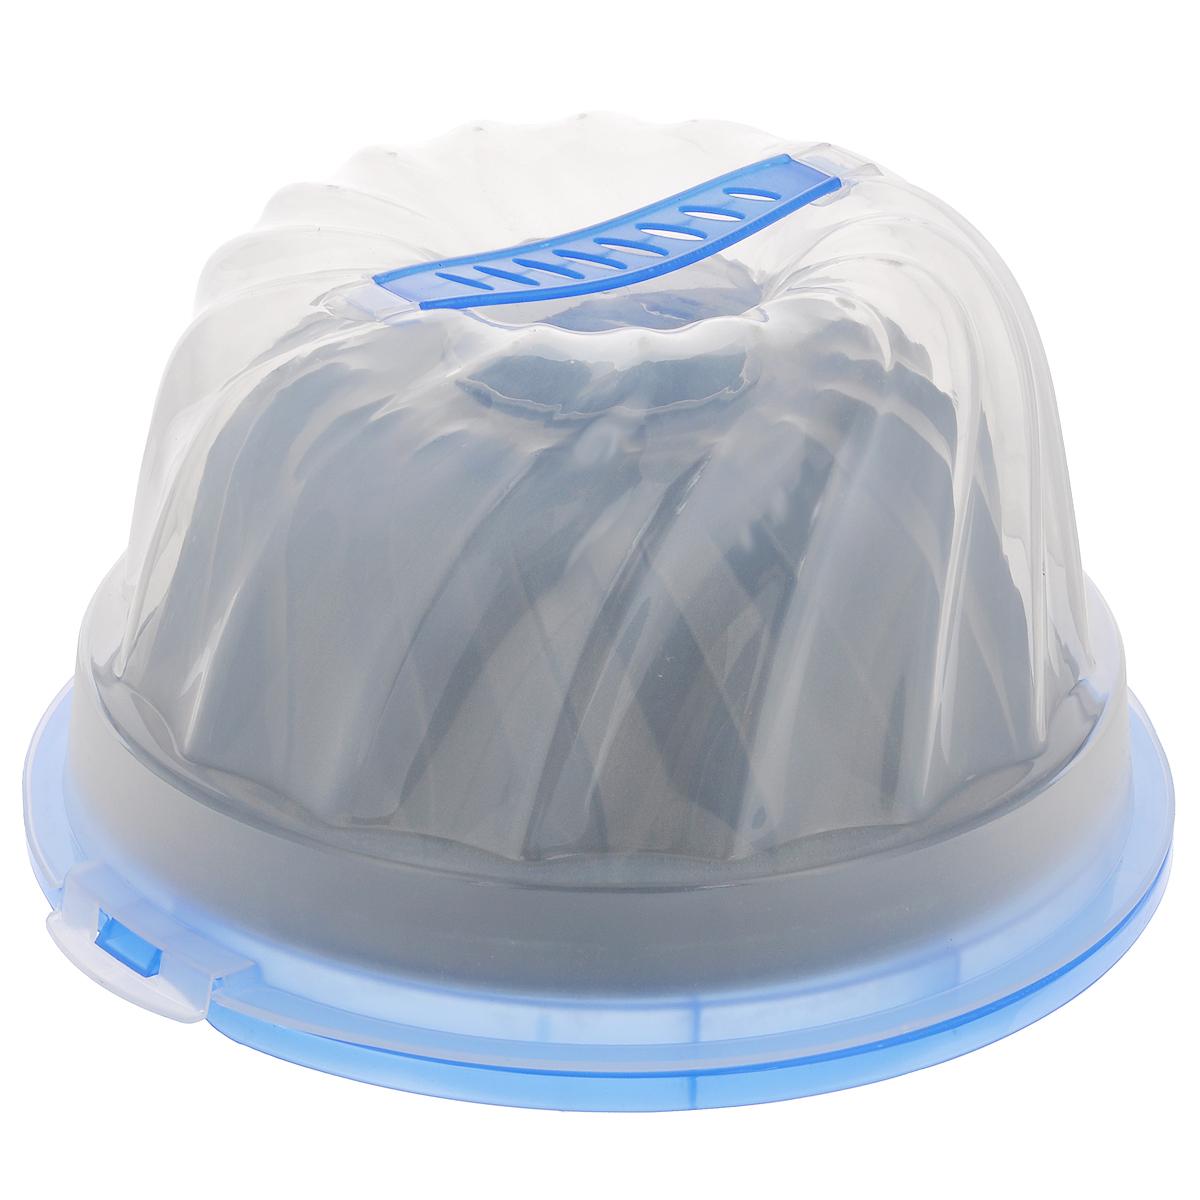 Форма для пирога Mayer & Boch, с антипригарным покрытием, с контейнером, диаметр 25 см3913Форма для пирога Mayer & Boch изготовлена из высококачественной углеродистой стали с внутренним антипригарным покрытием. Такое покрытие препятствует пригоранию, обеспечивает легкую очистку изделия и исключает необходимость использования большого количества масла, что способствует приготовлению здоровой пищи с пониженной калорийностью. Стенки изделия рельефные, что придает выпечке аппетитный внешний вид. Выпечка легко извлекается из противня. Форма предназначена для приготовления кексов и пирогов.В комплекте - пластиковый контейнер с крышкой, который позволит взять приготовленную выпечку с собой на пикник. Контейнер оснащен удобной ручкой. С такой формой вы всегда сможете порадовать своих близких оригинальной выпечкой.Форма подходит для использования в духовом шкафу. Нельзя мыть в посудомоечной машине.